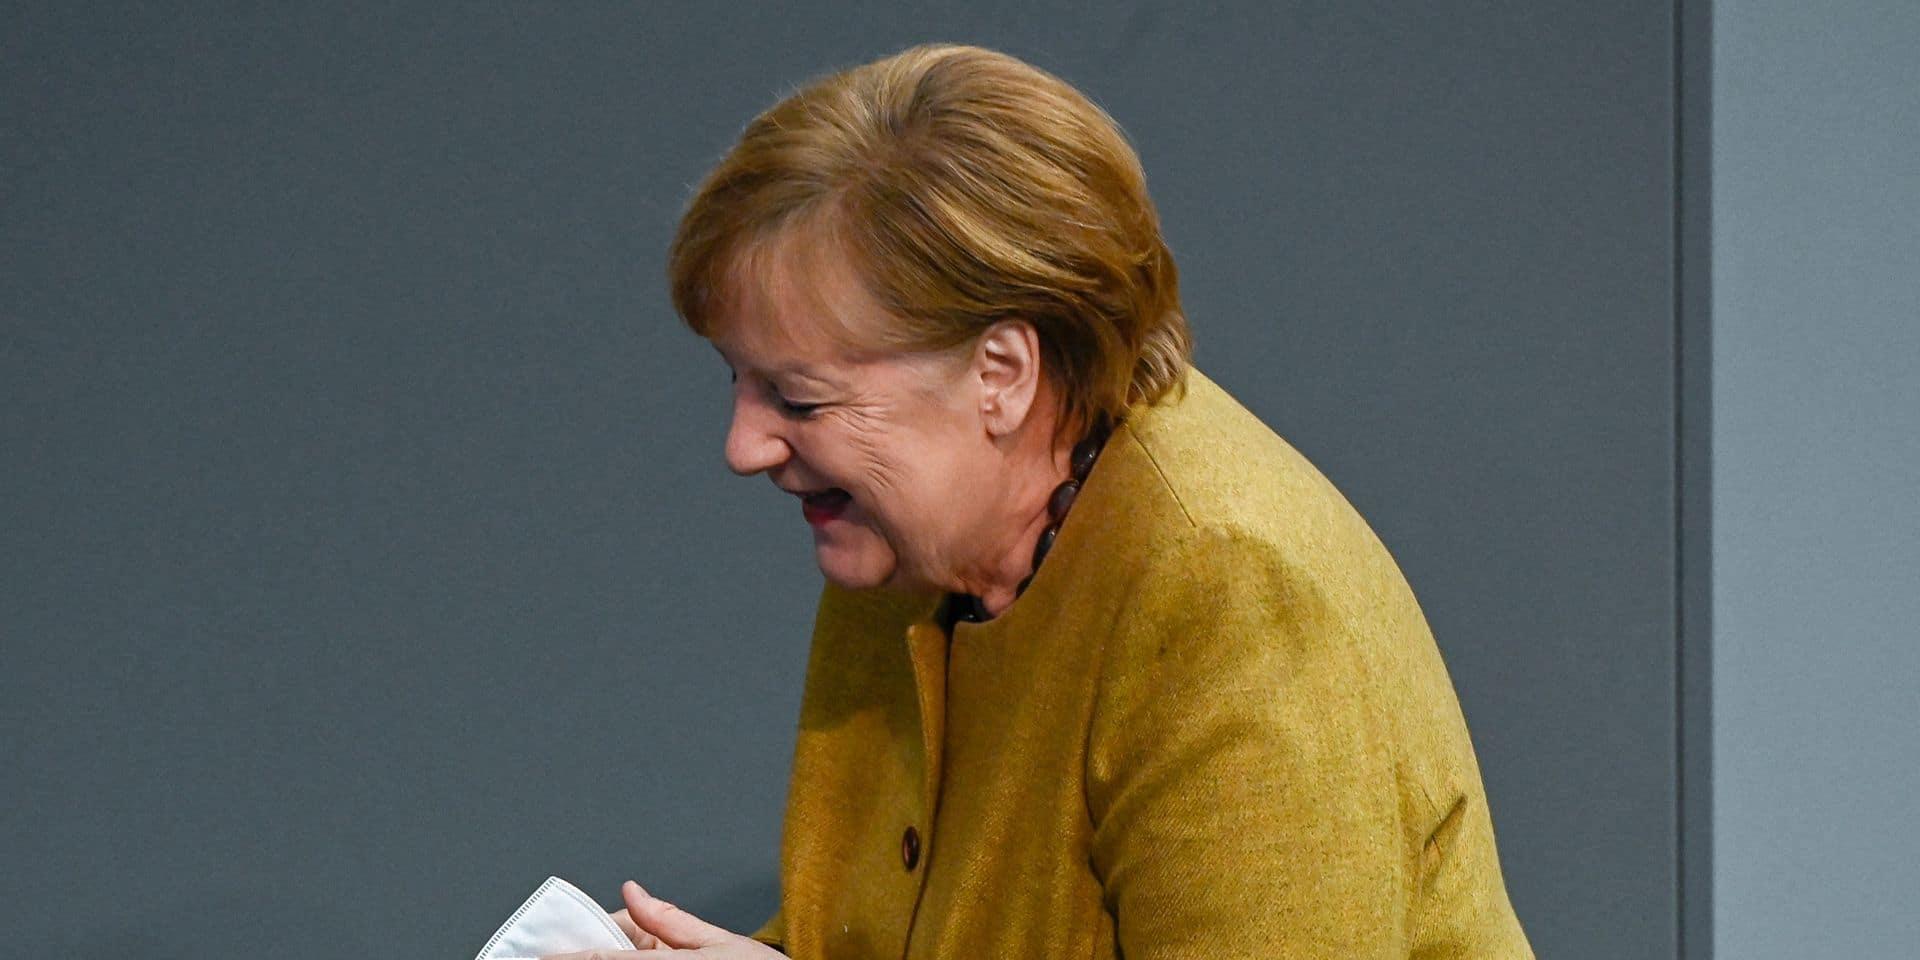 Angela Merkel oublie son masque en pleine session parlementaire et fait le buzz sur la toile (VIDEO)